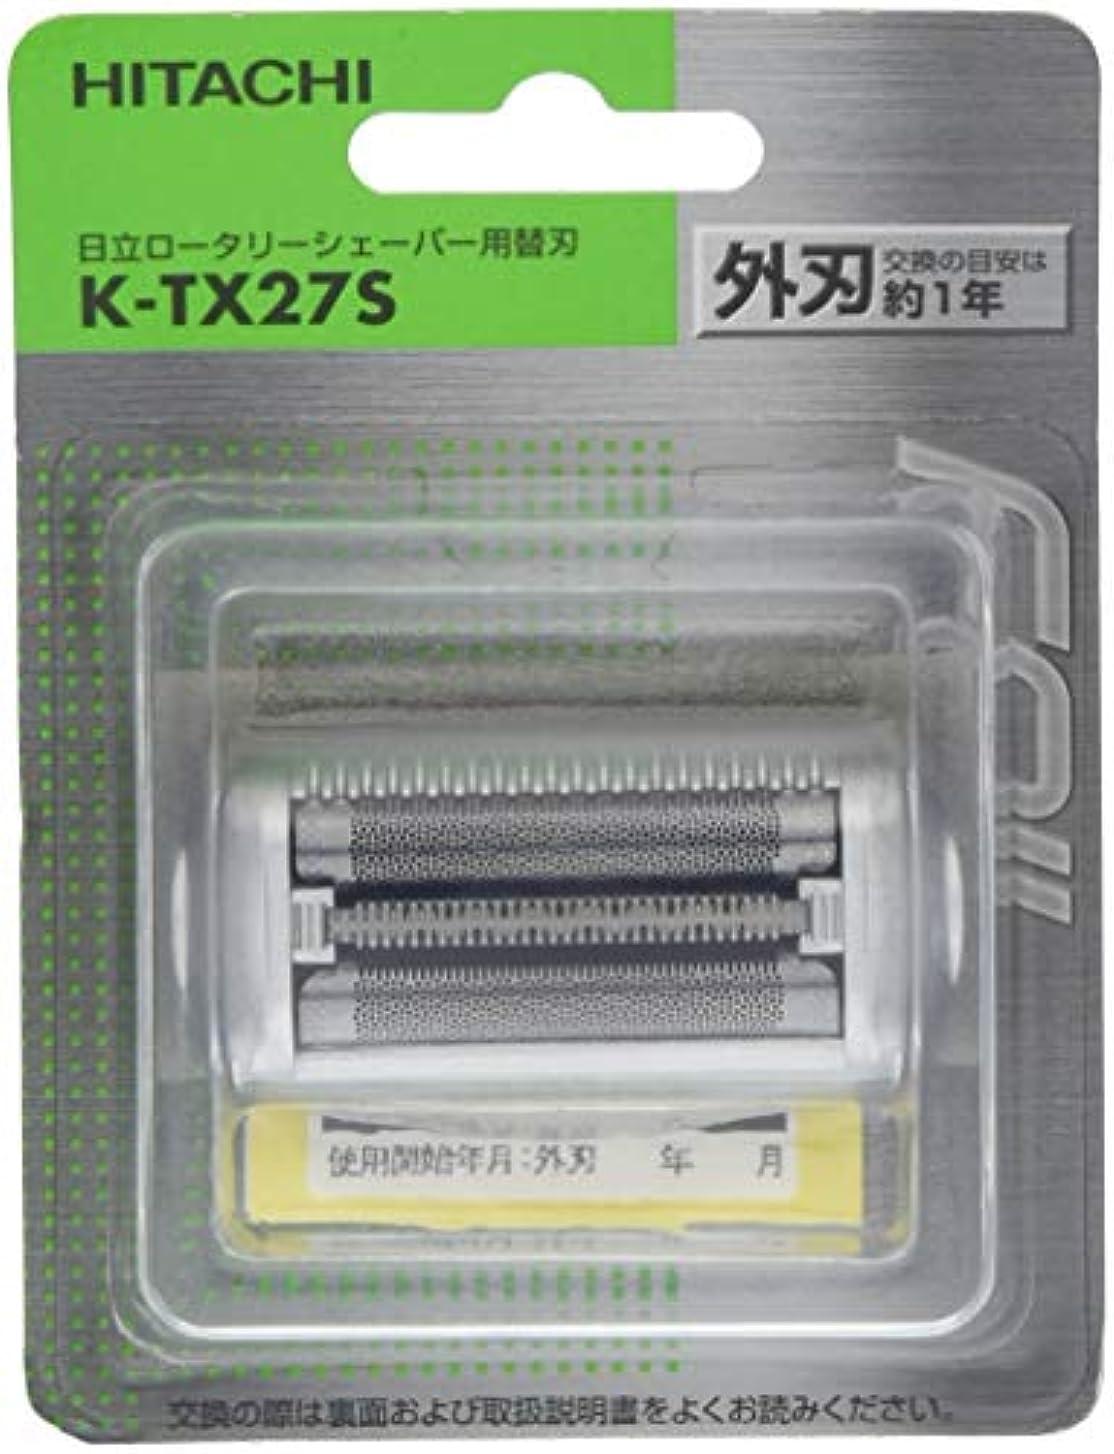 キュービック足散る日立 メンズシェーバー用替刃(外刃) K-TX27S